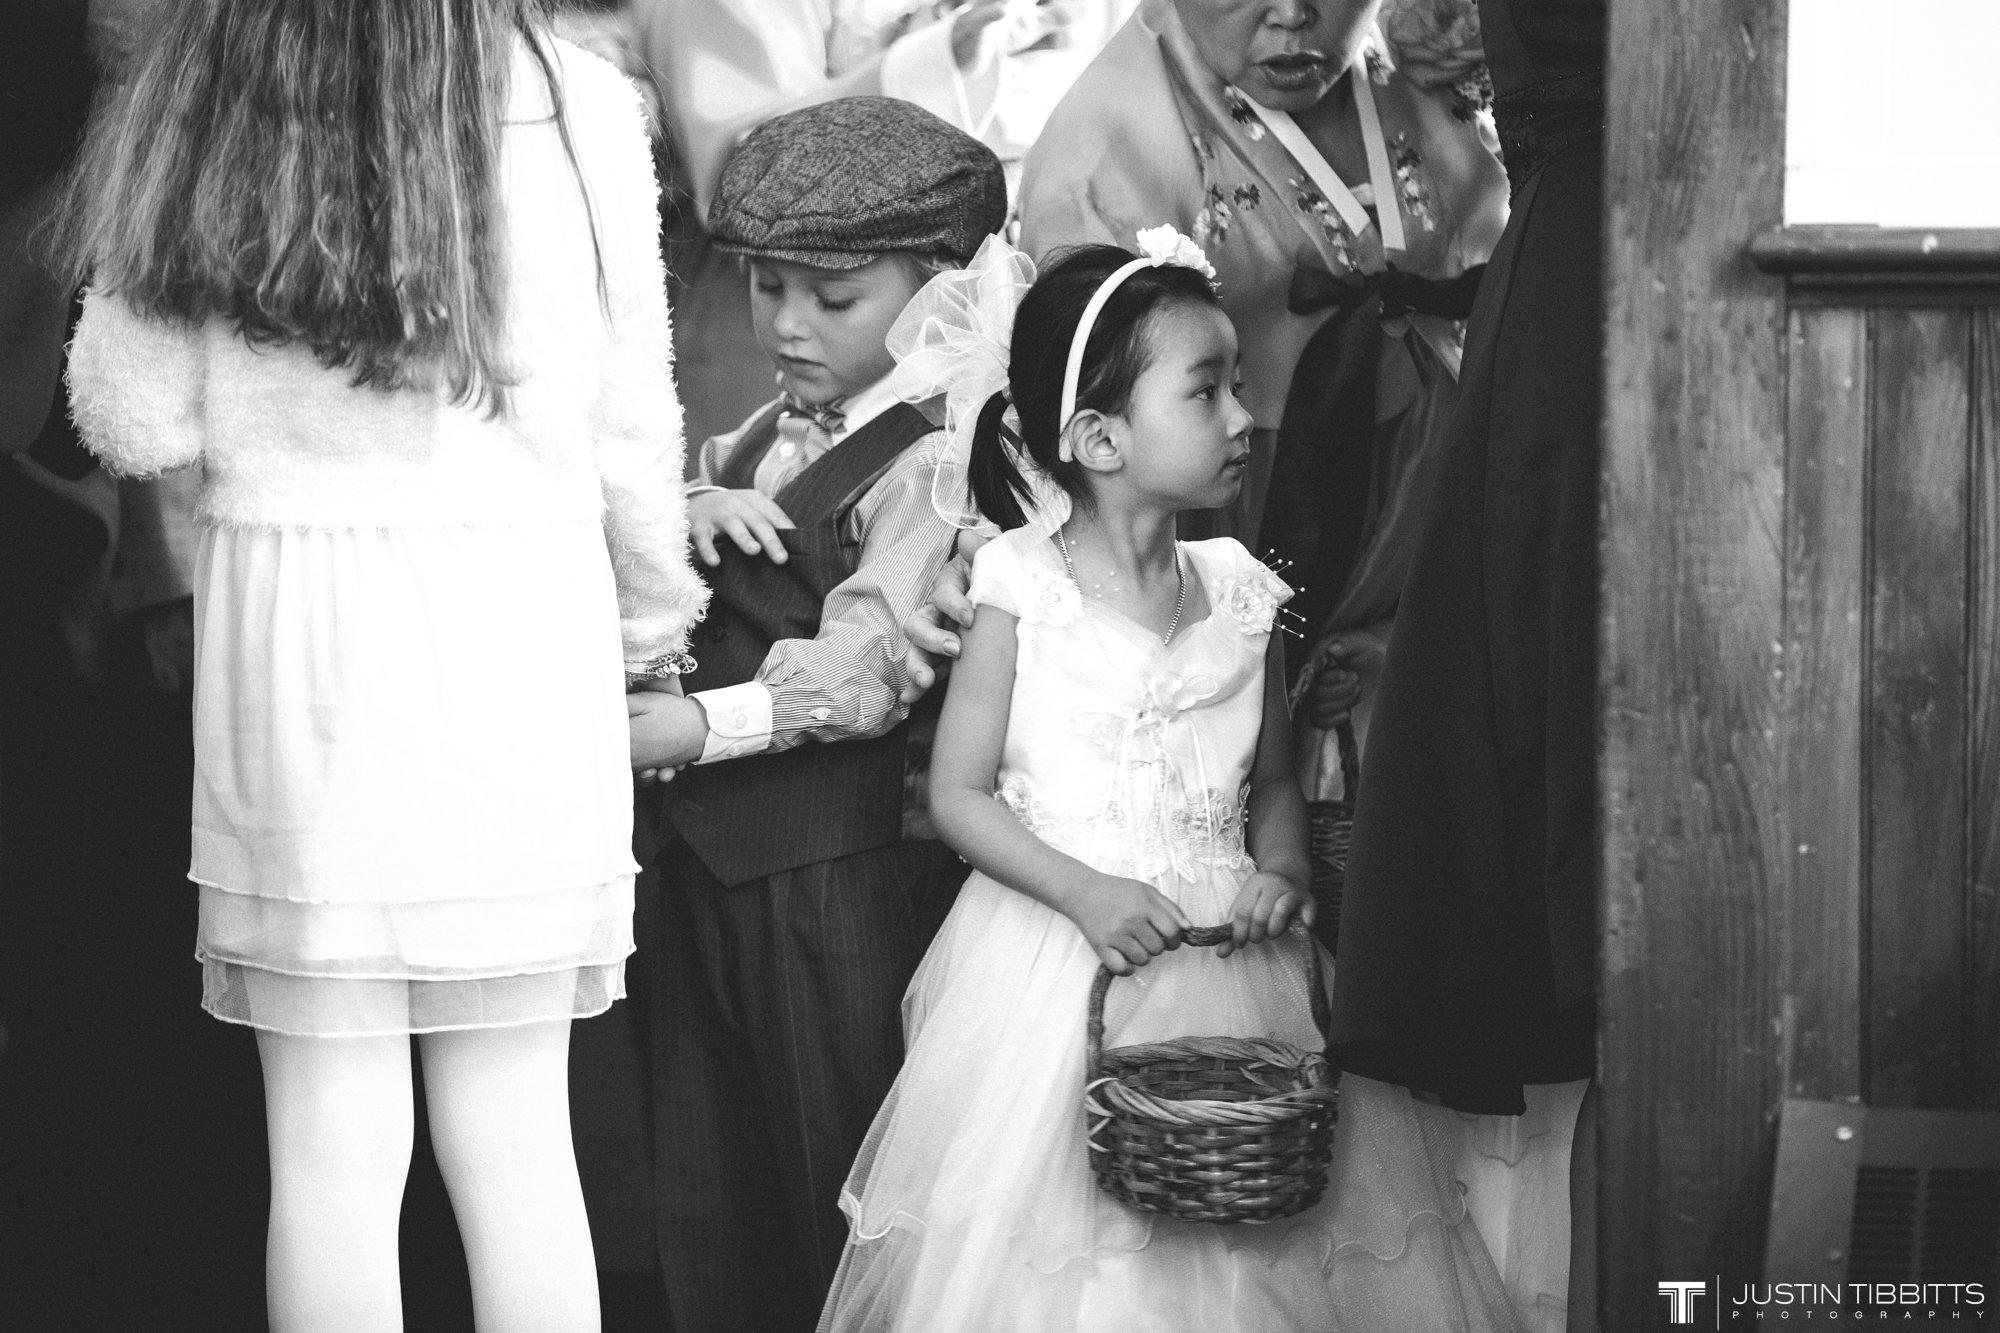 Albany NY Wedding Photographer Justin Tibbitts Photography 2014 Best of Albany NY Weddings-33229352516